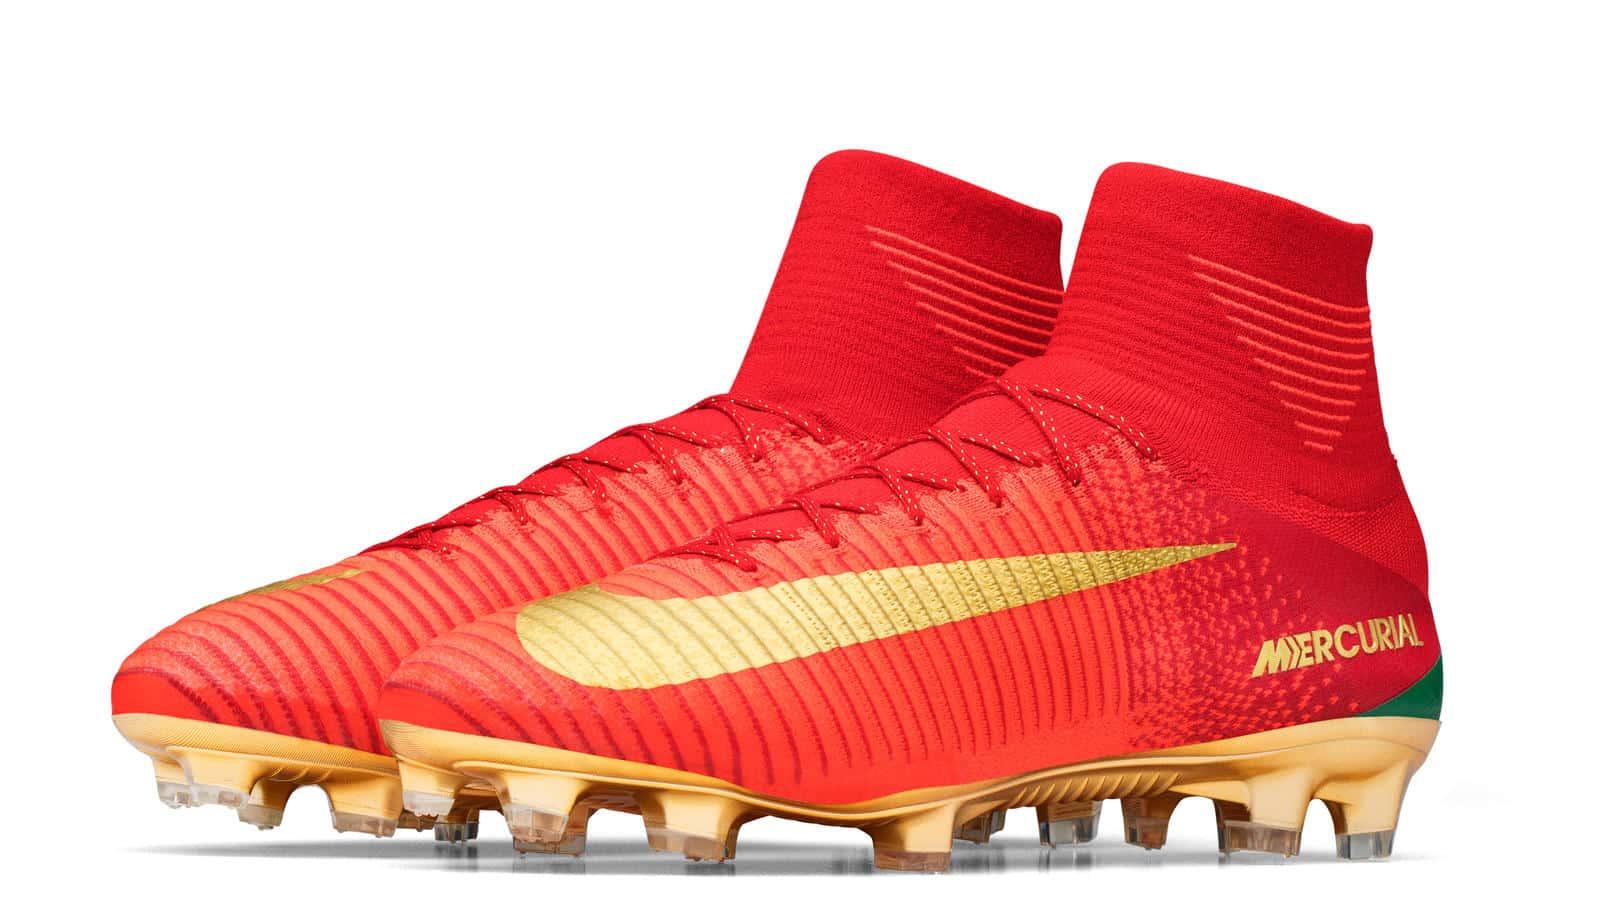 Portugal Spéciale Nike Cr7 Du Aux Une Couleurs Mercurial Pour Lance L5Aq3Rj4